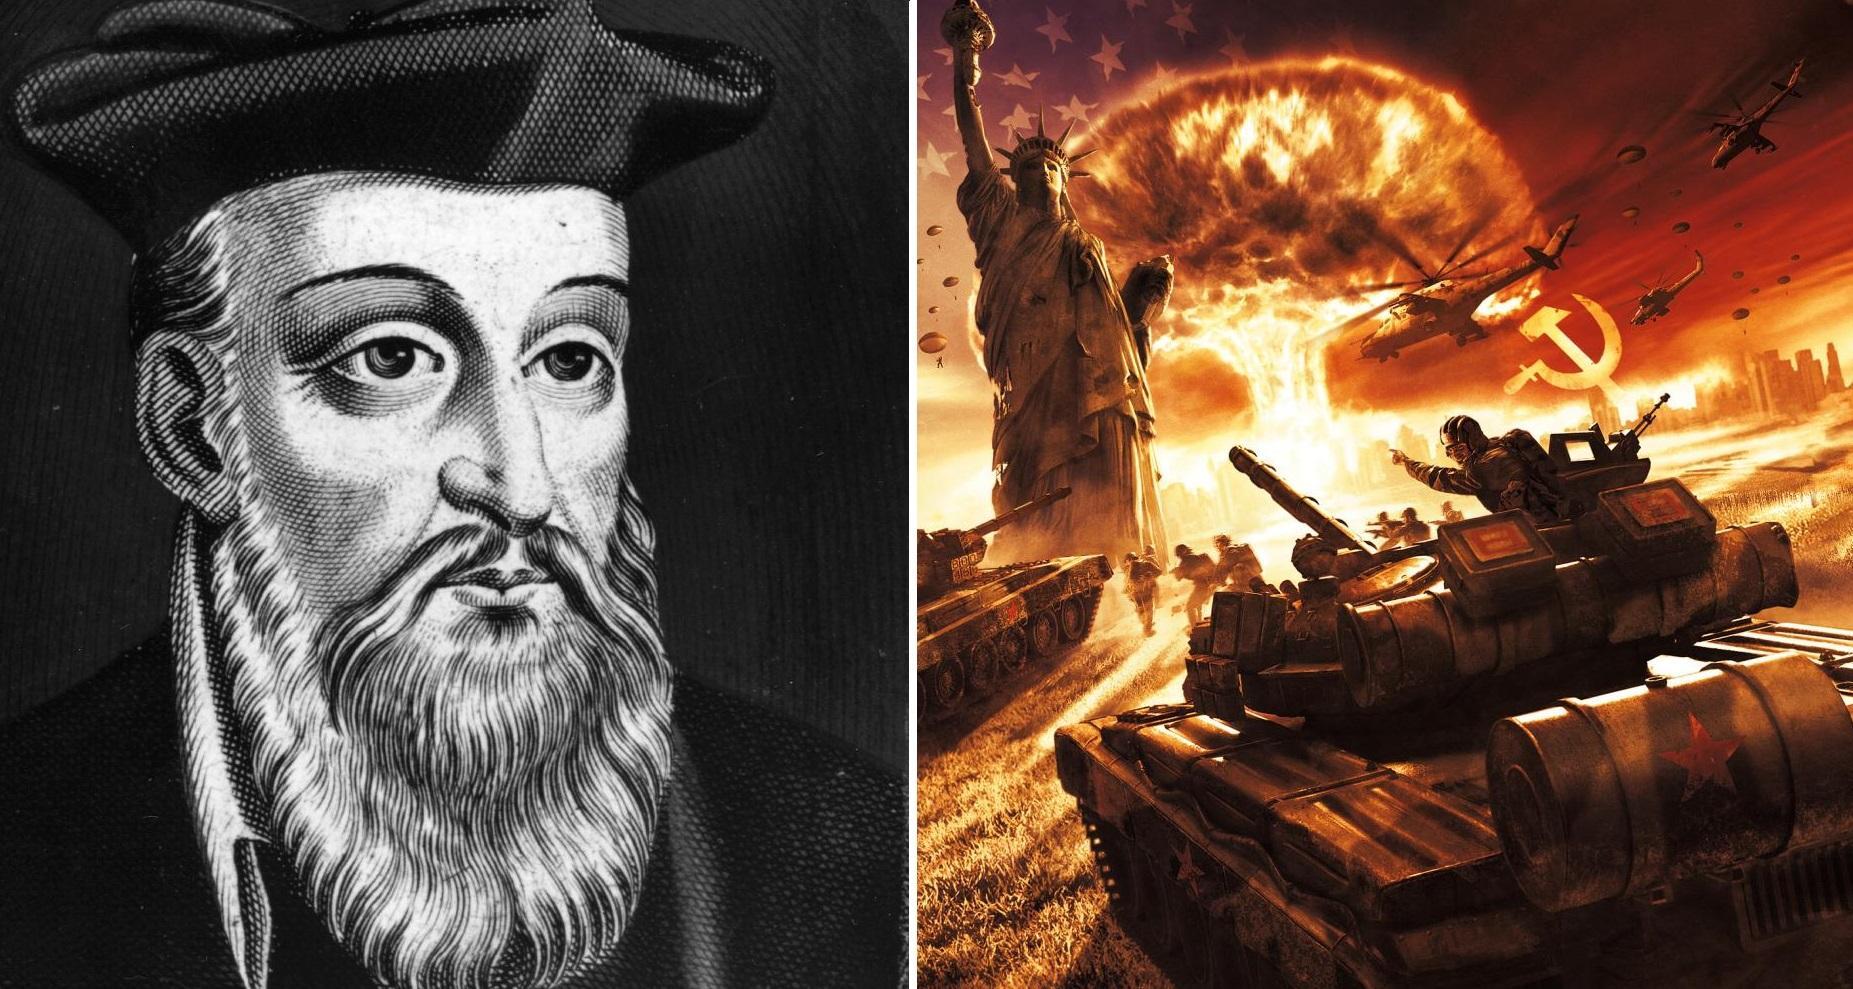 Третья мировая война в 2019 году - военно-политическое обозрение, пророчества, предсказания изоражения